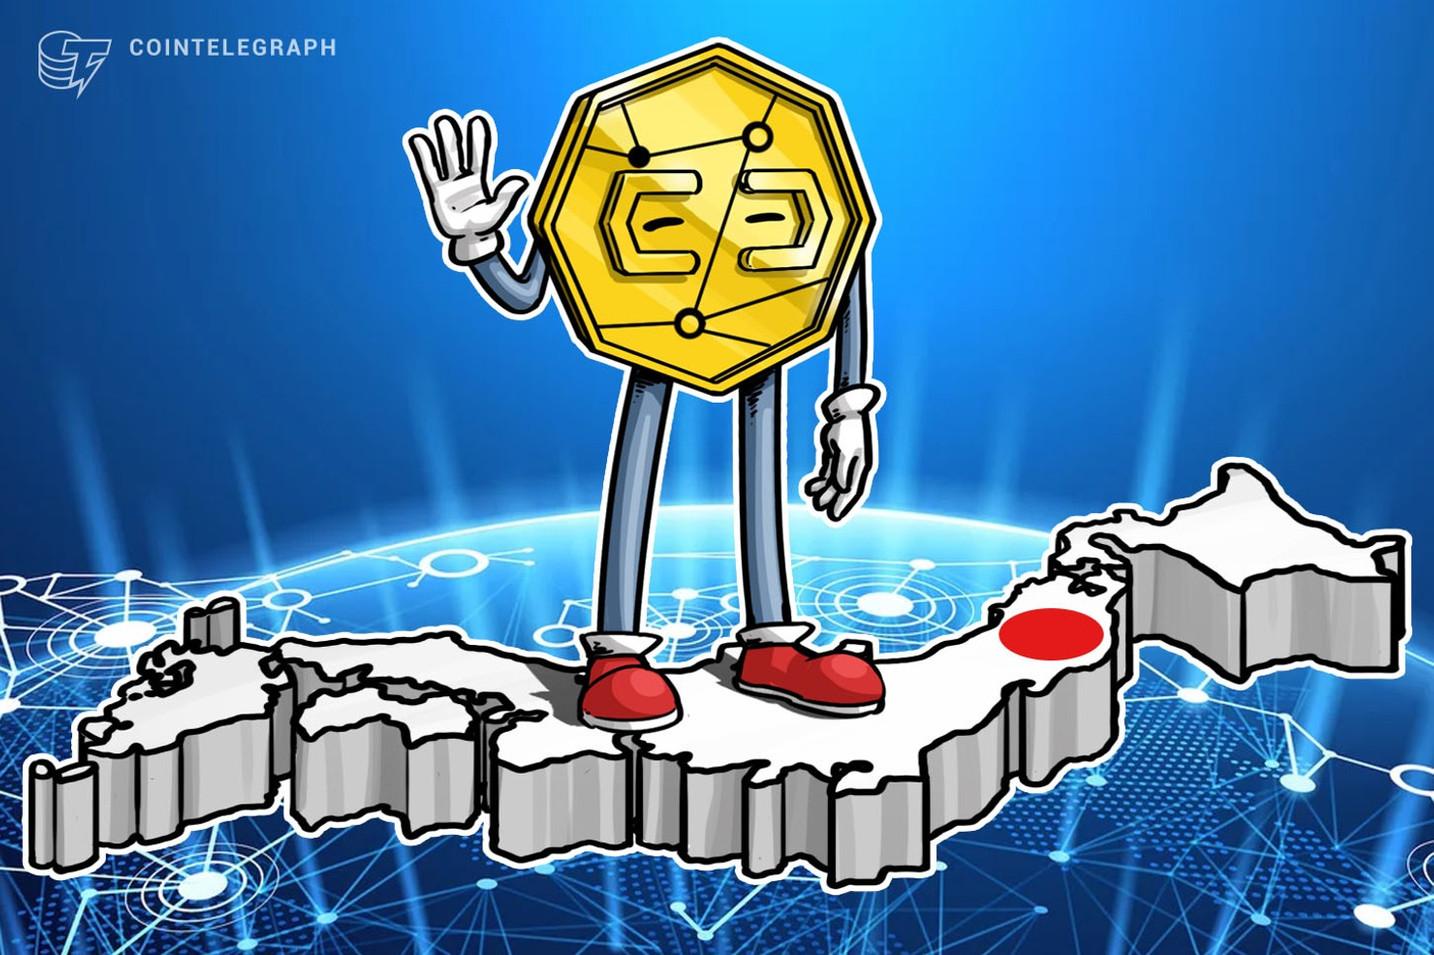 日銀が今月27日に中銀デジタル通貨のフォーラム開催|ラウンドテーブルの参加者募集【ニュース】